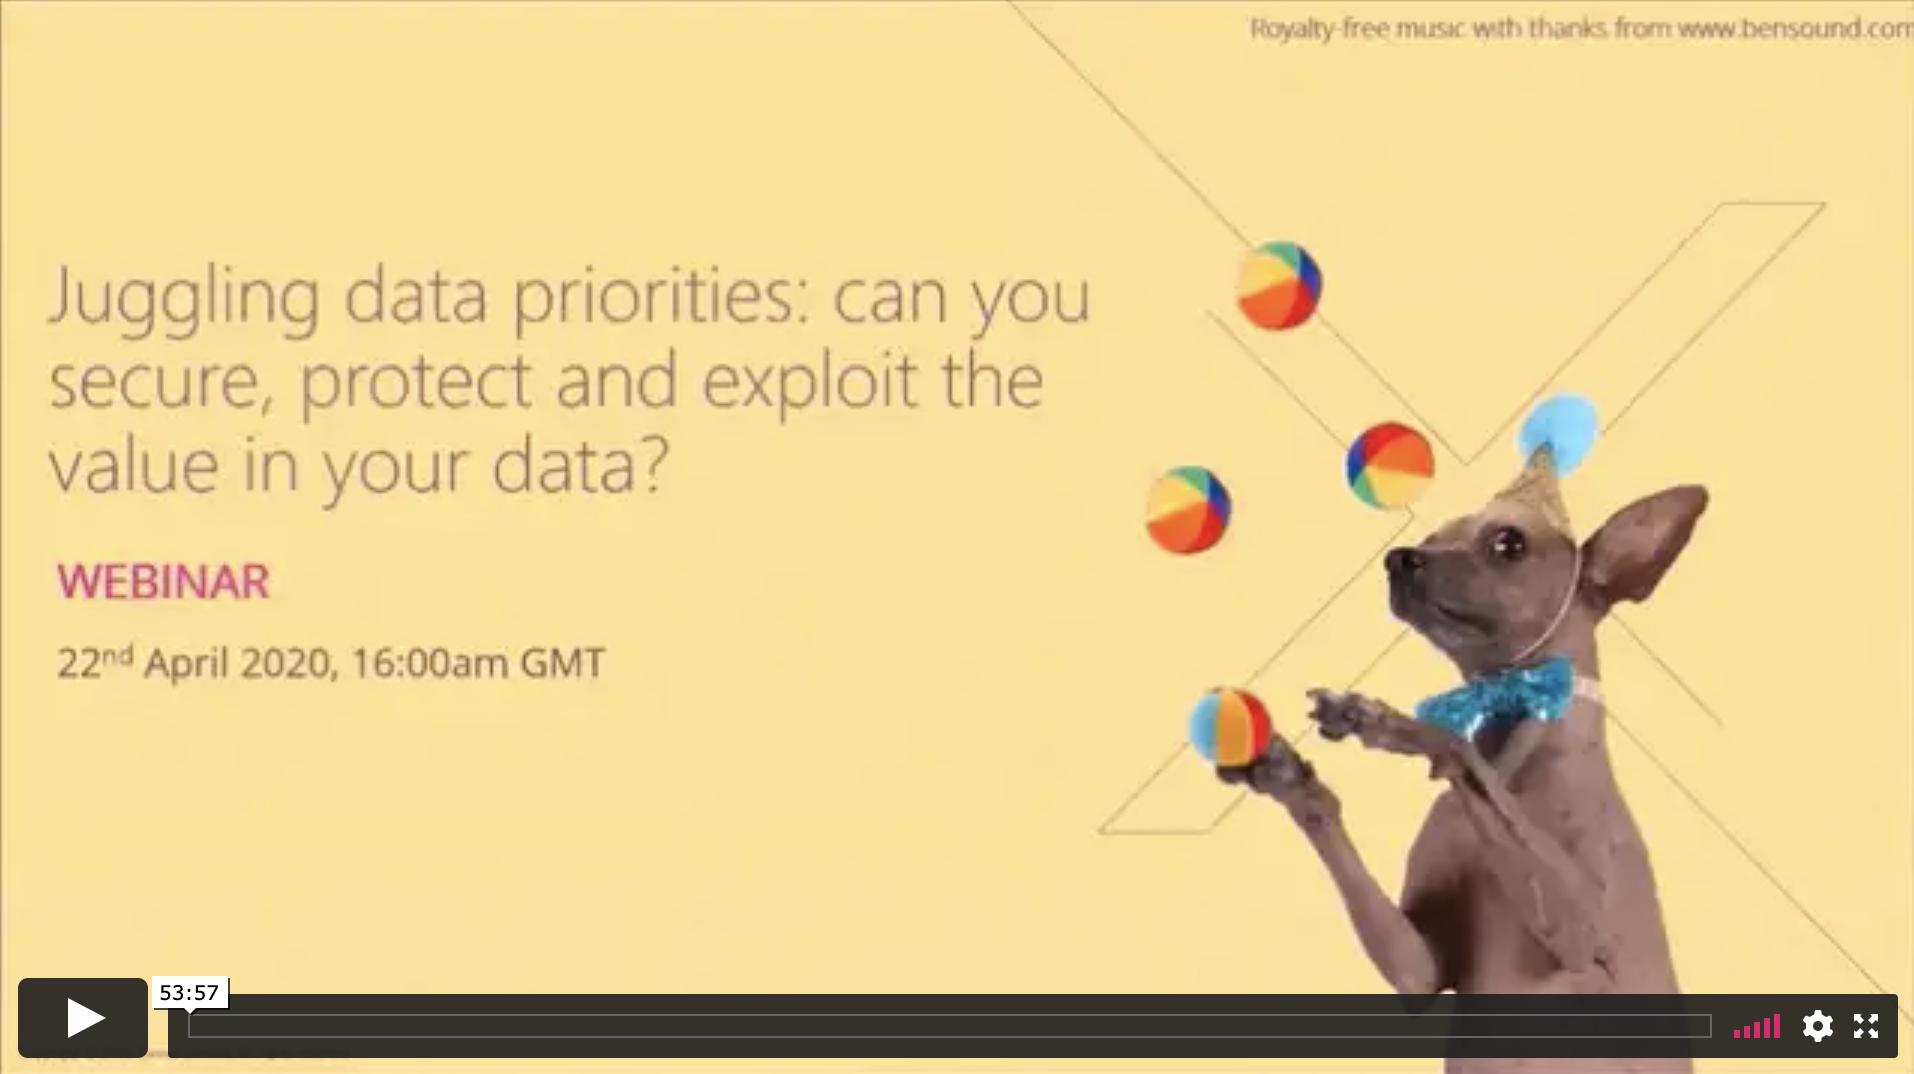 Juggling data priorities